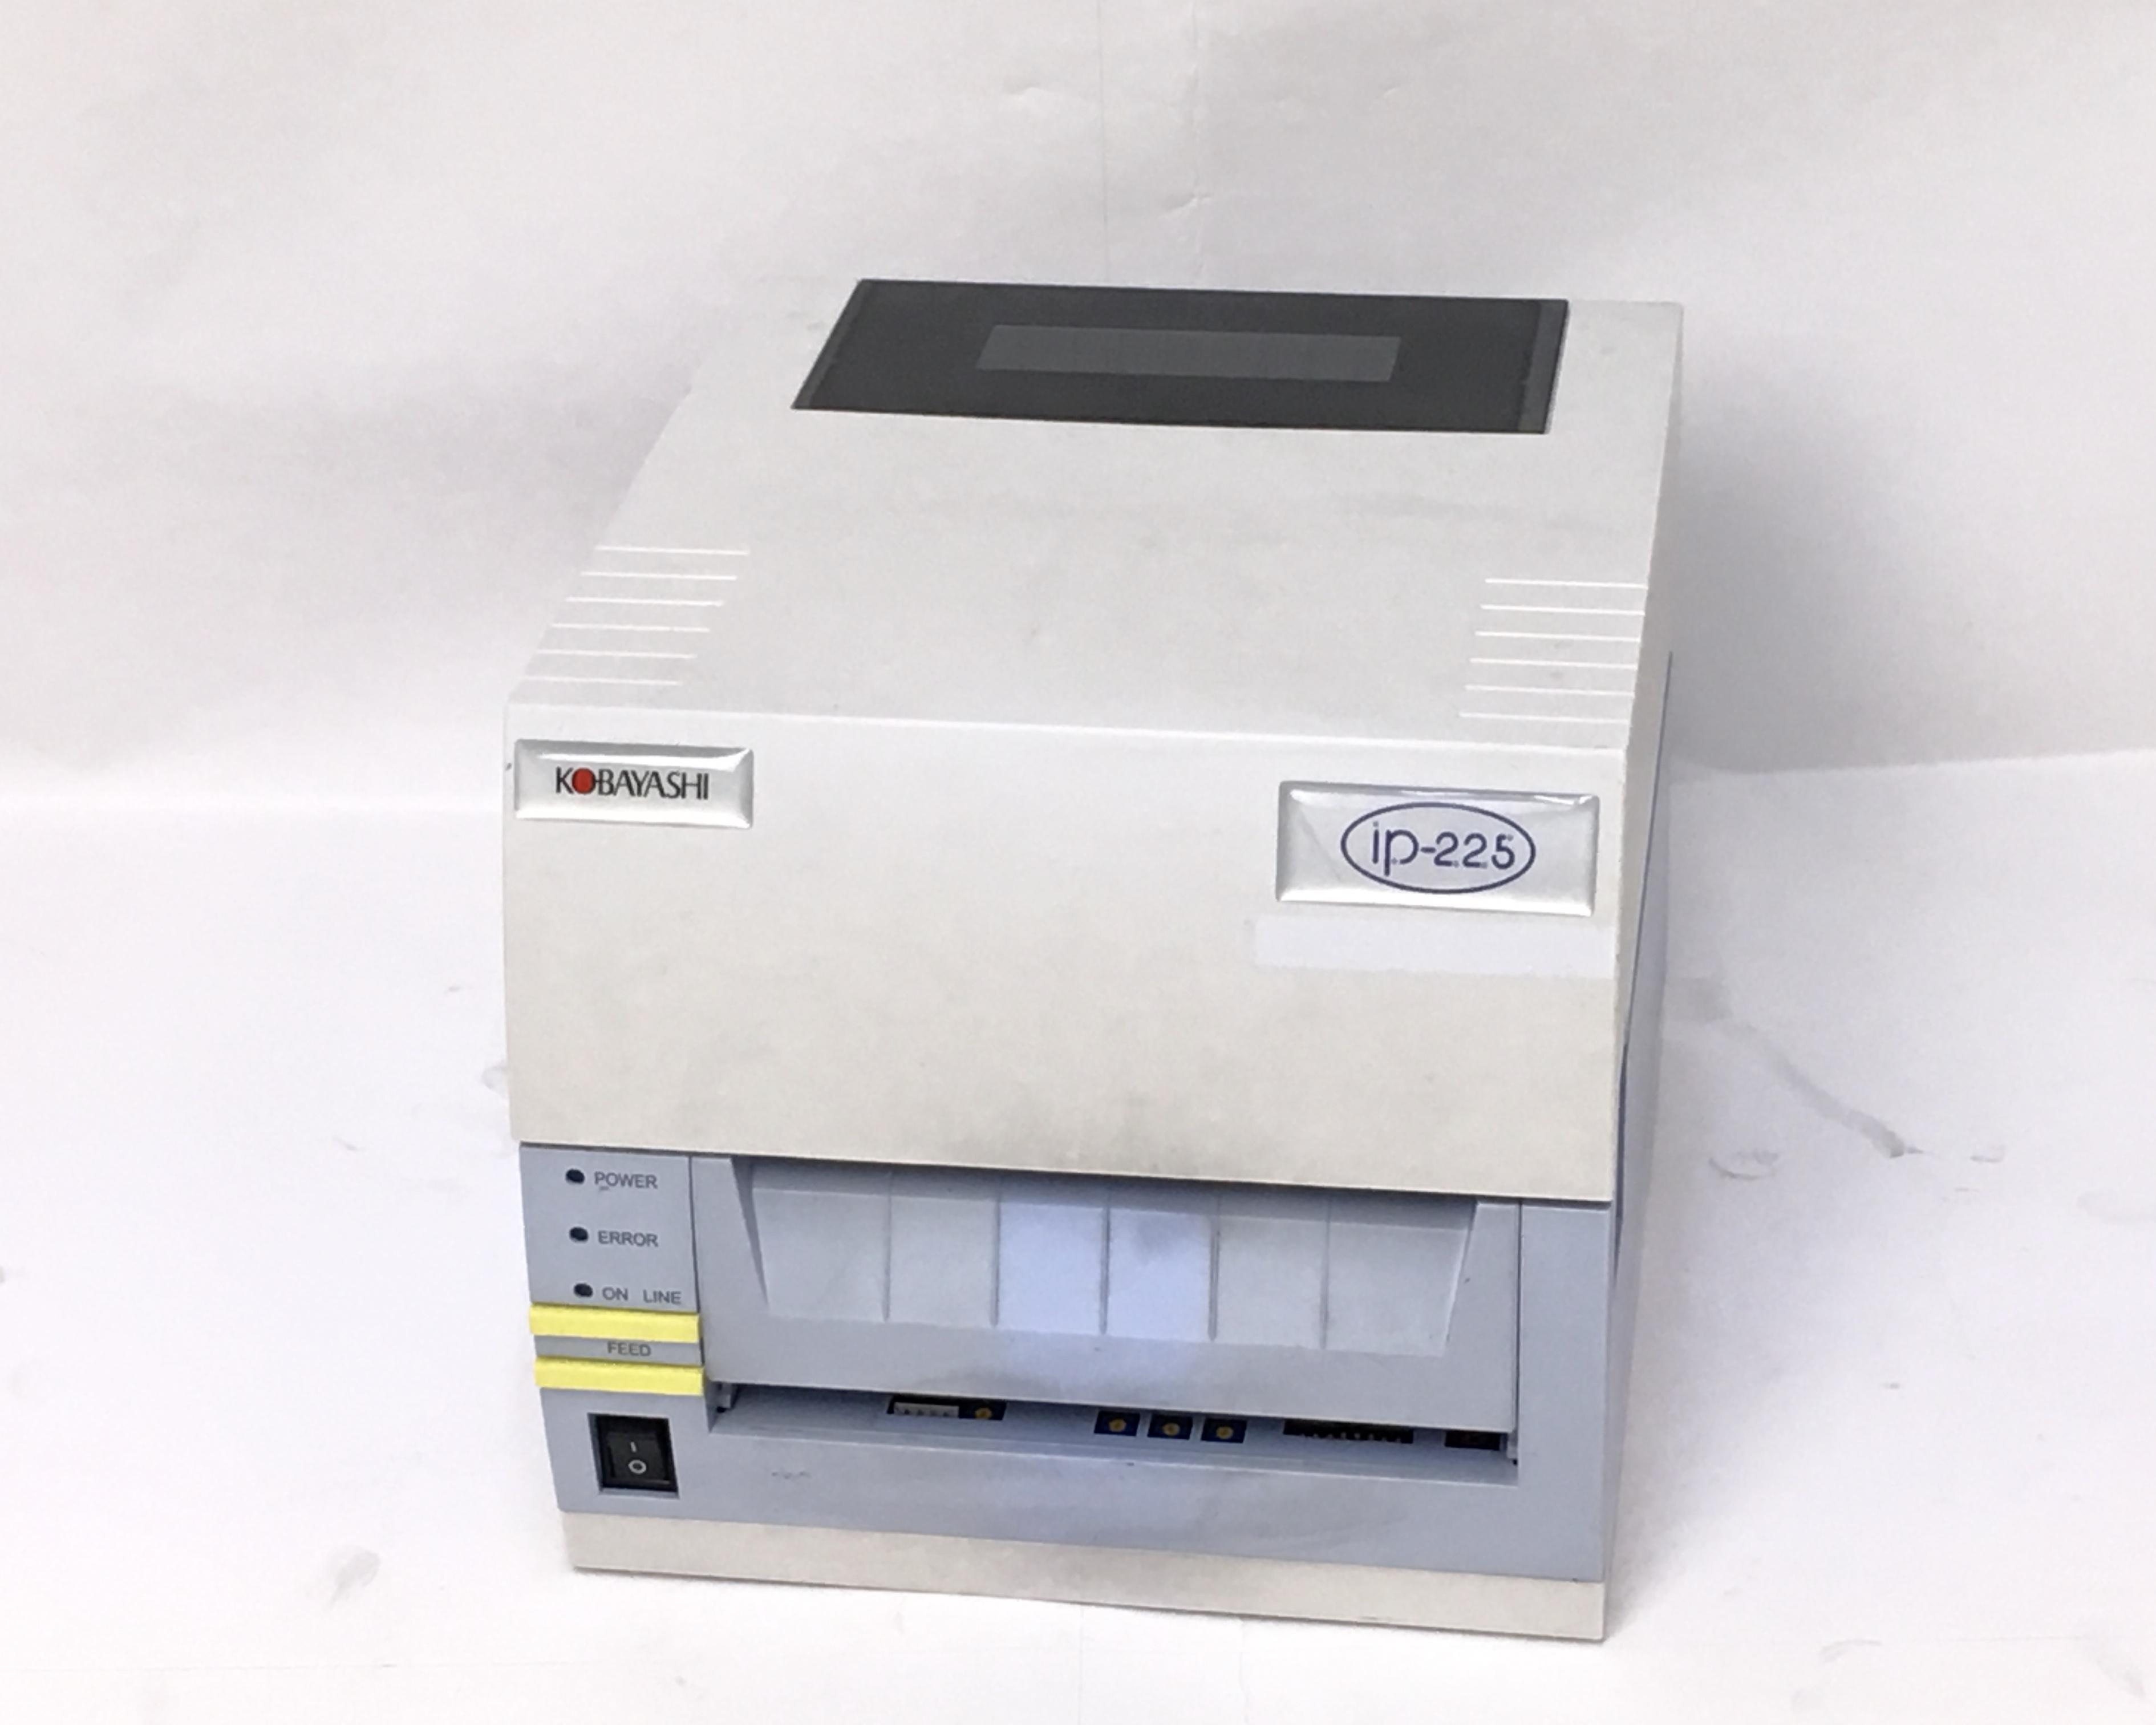 【お買得中古】KOBAYASHI IP-225 (USB/LAN) メイン画像